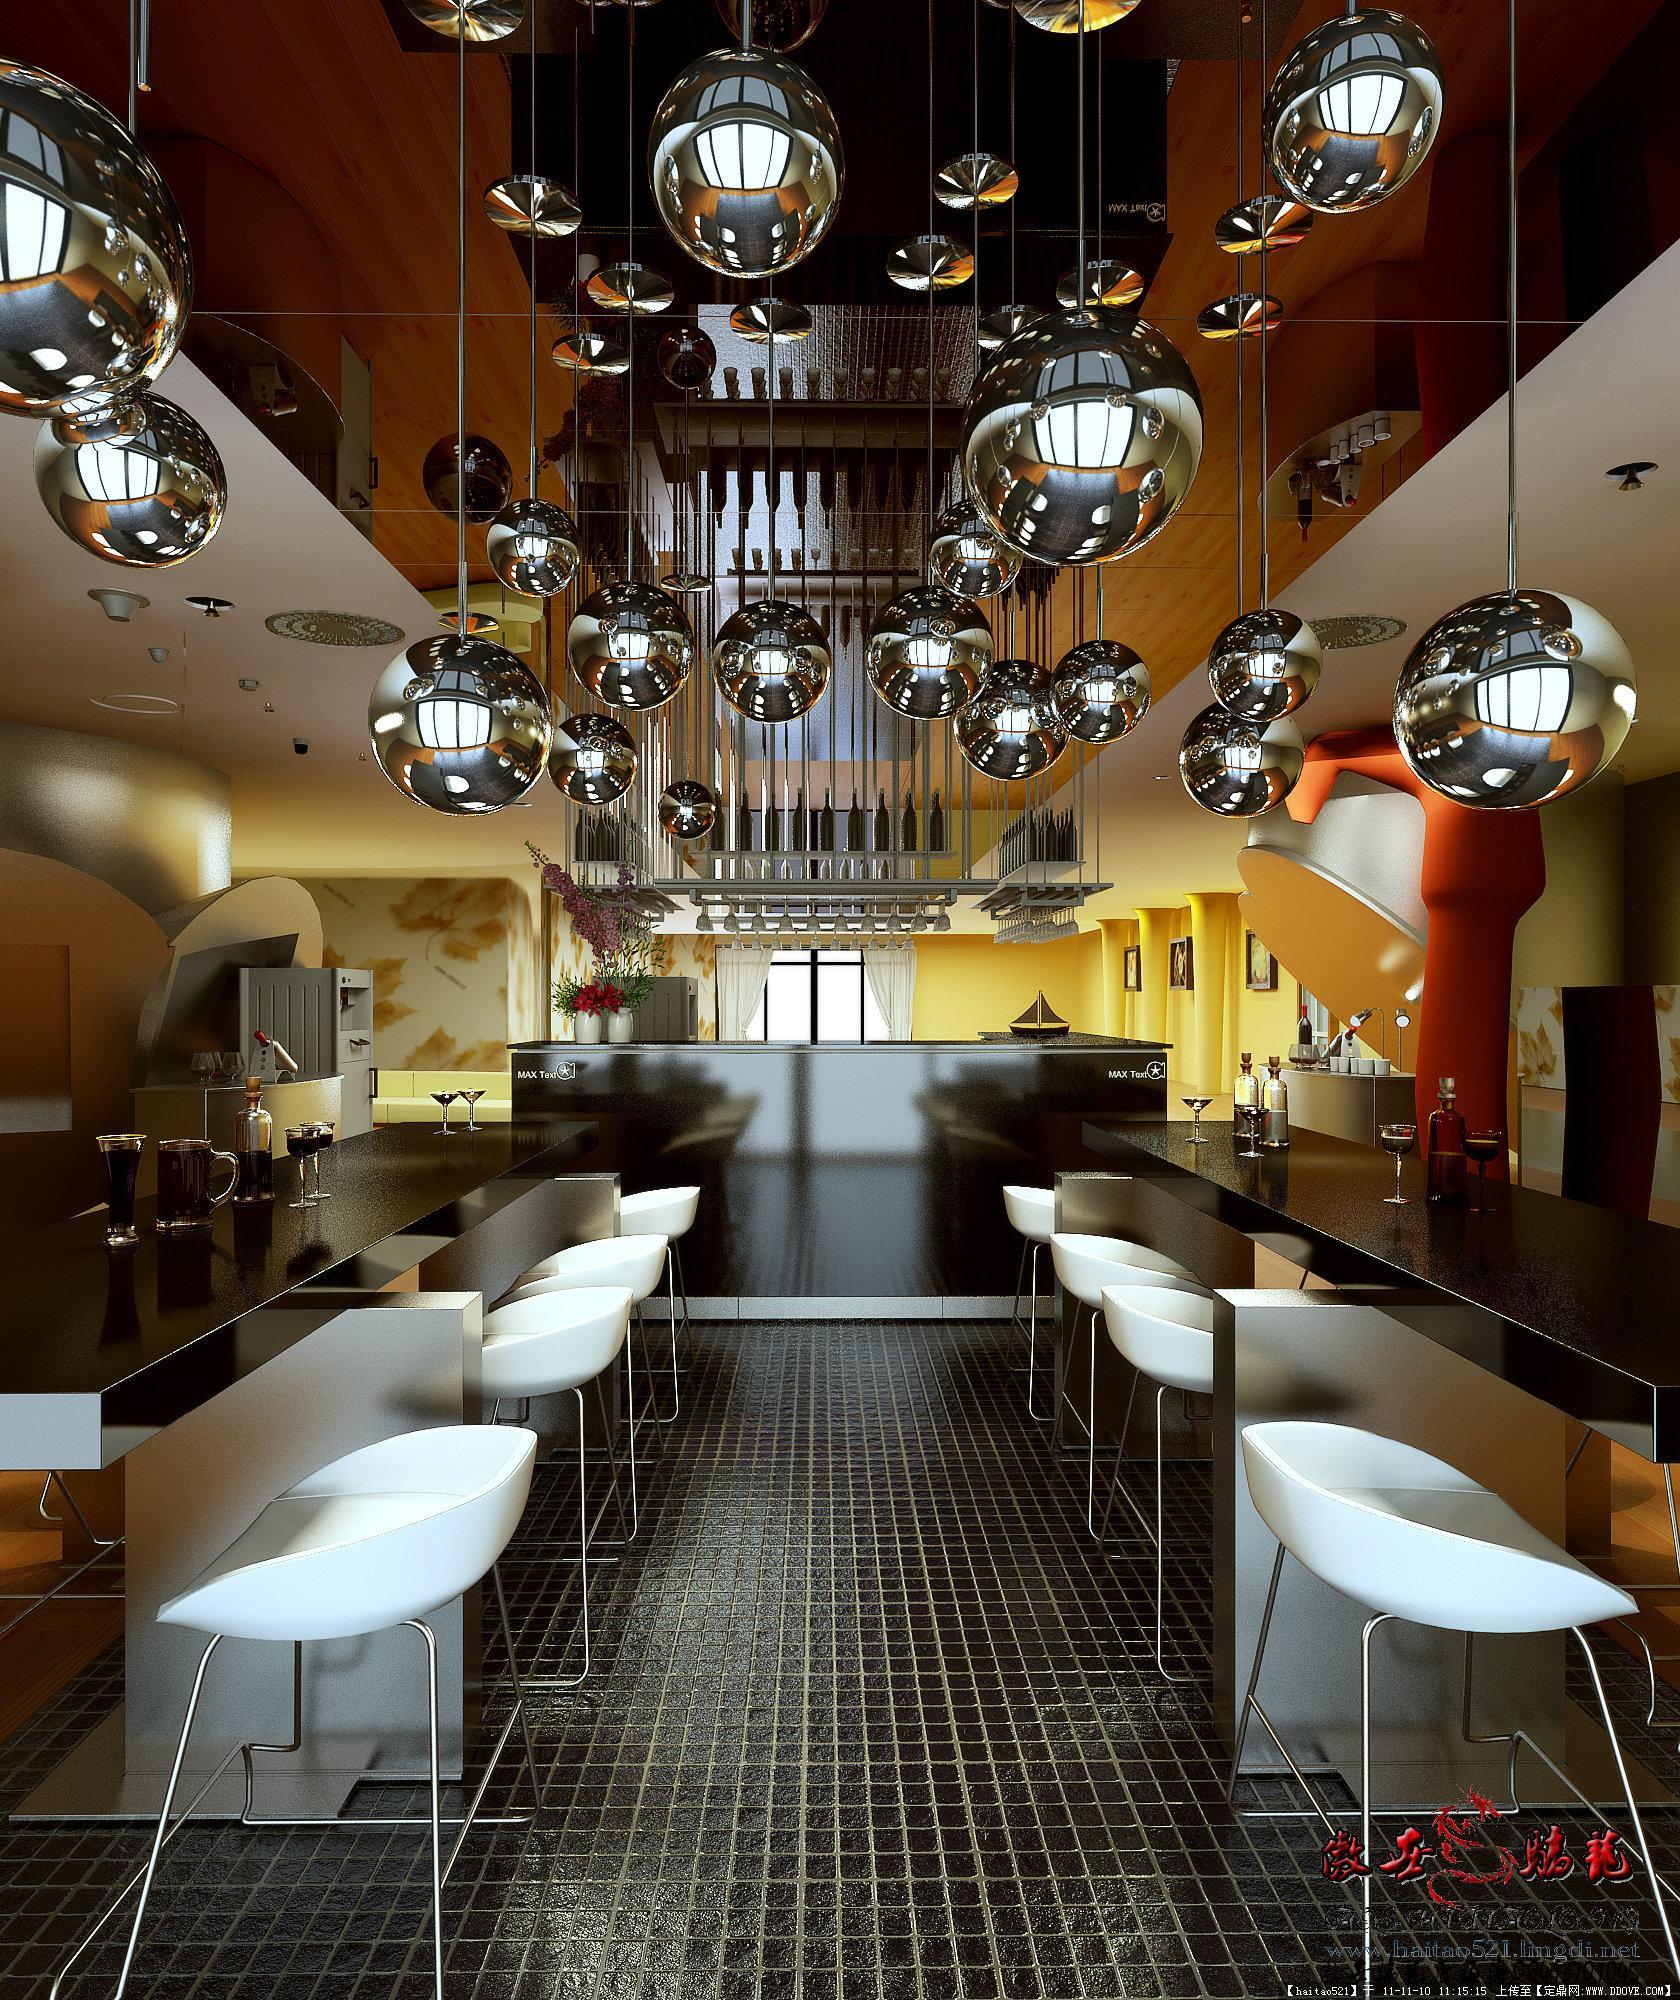 酒楼餐厅经典室内设计效果图20张-大图